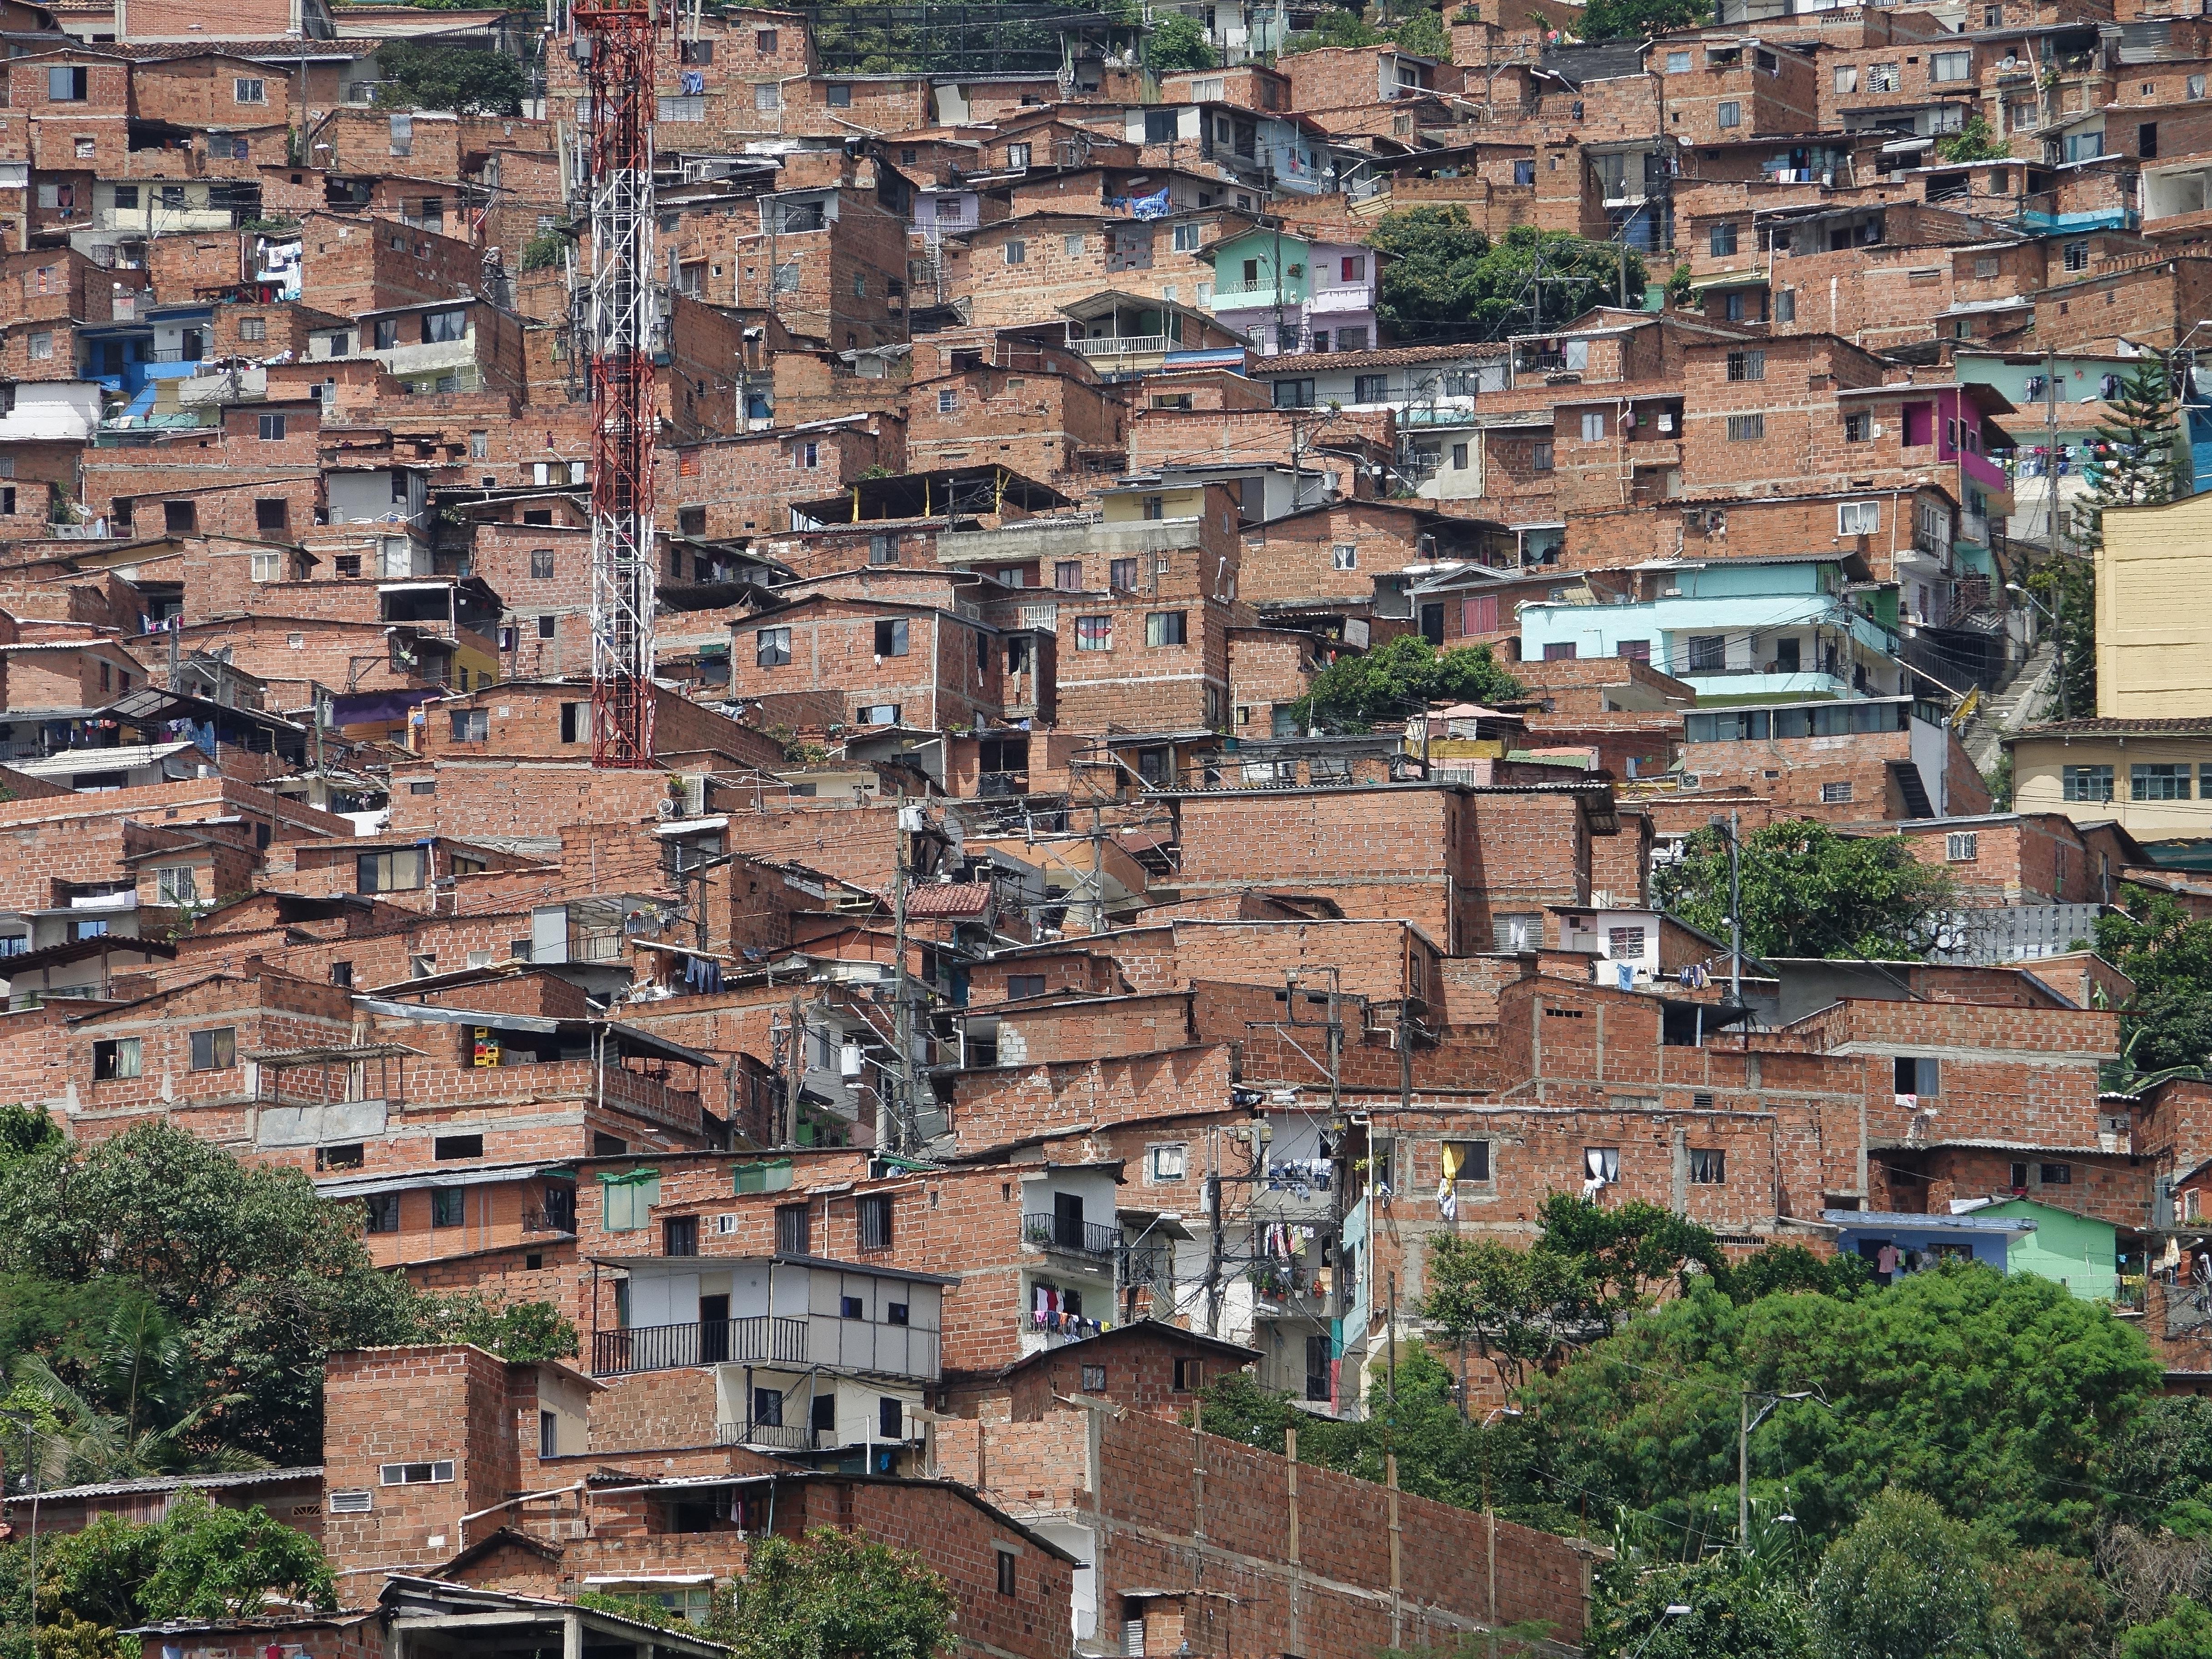 Density housing